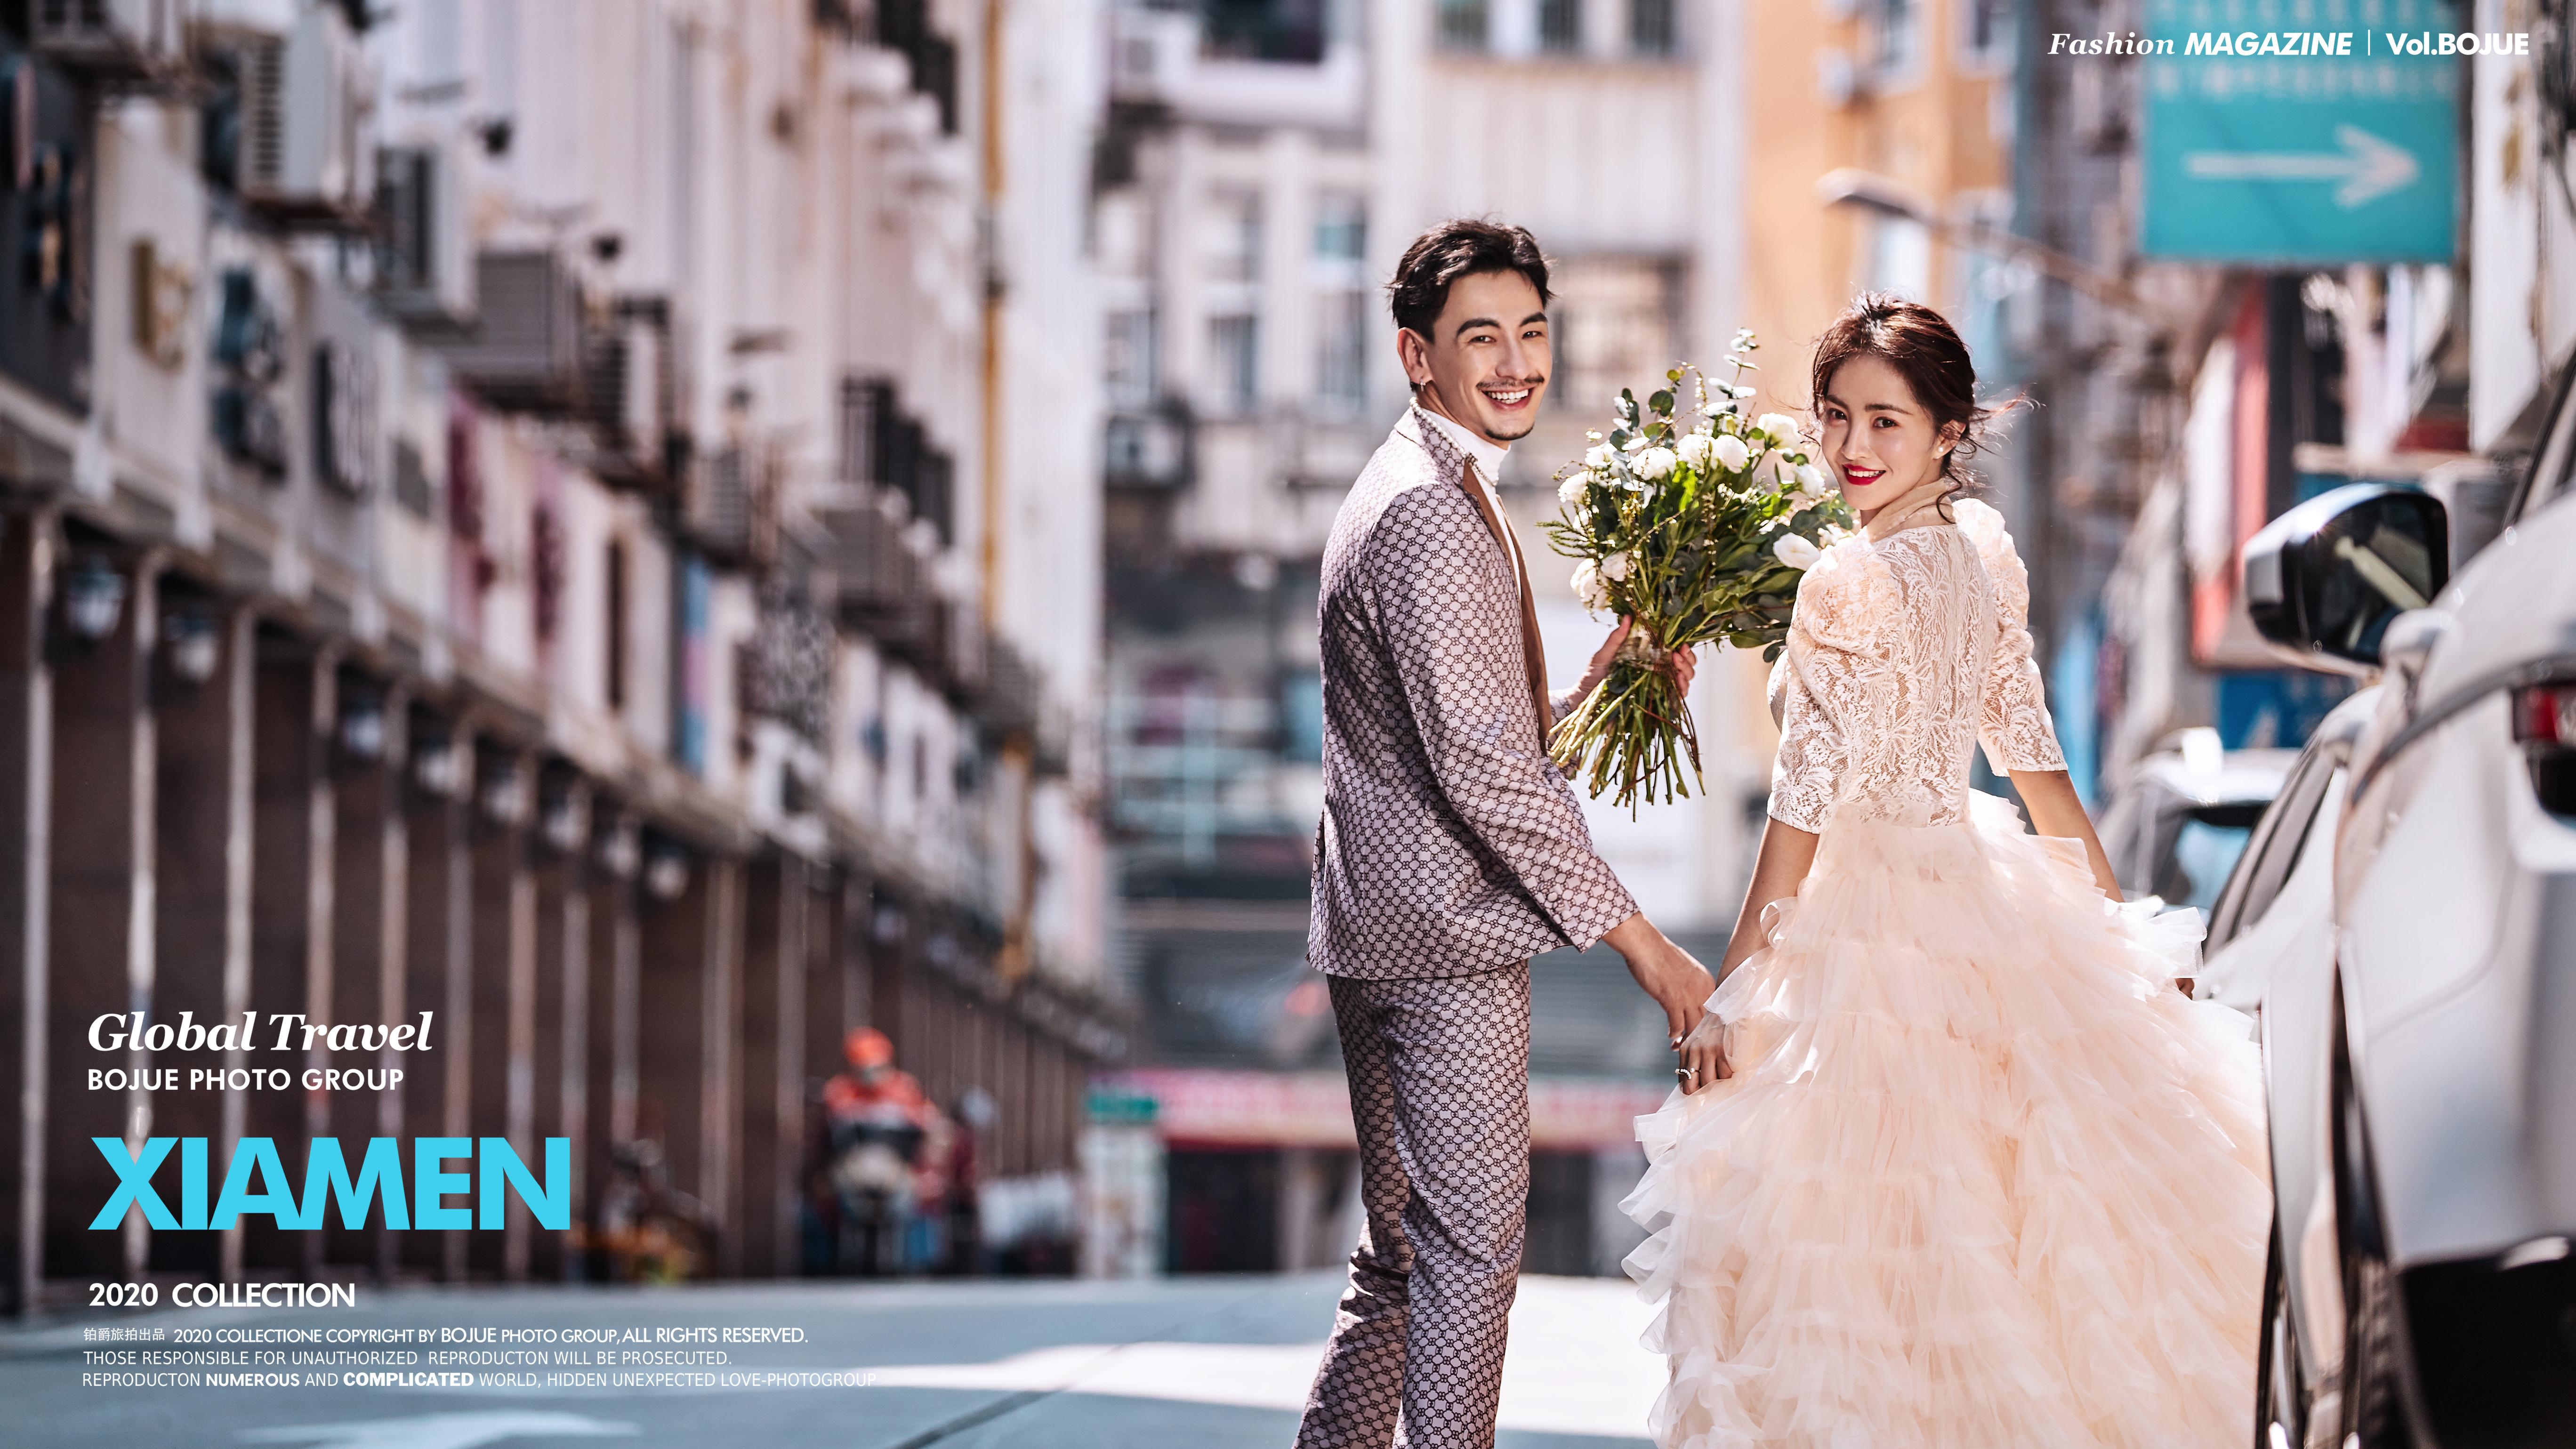 婚纱照抓拍有什么技巧 厦门婚纱照拍摄技巧分享给你